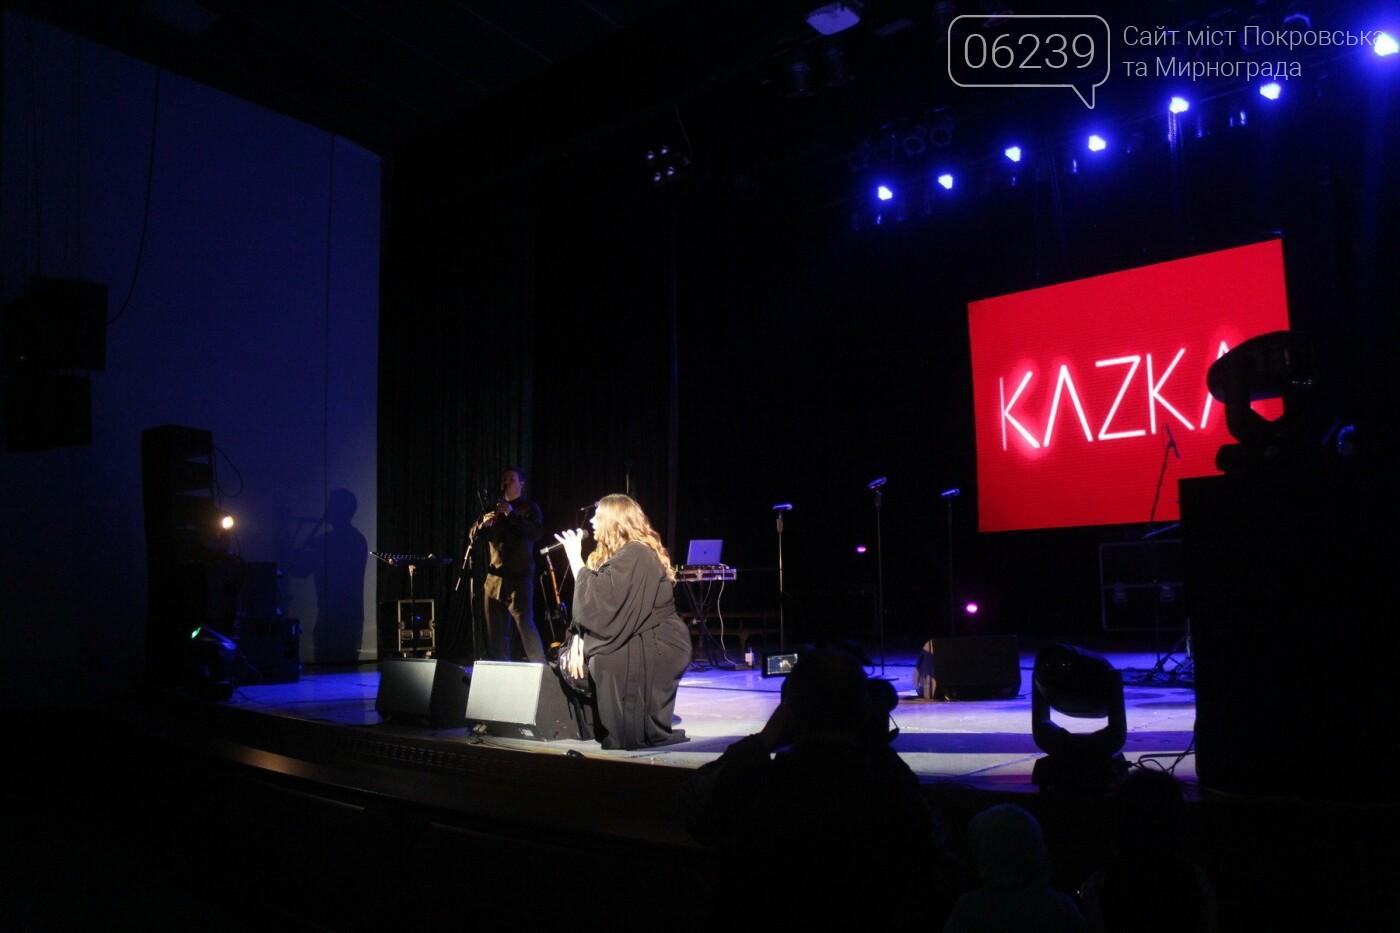 В Покровске выступила популярная украинская группа KAZKA, фото-2